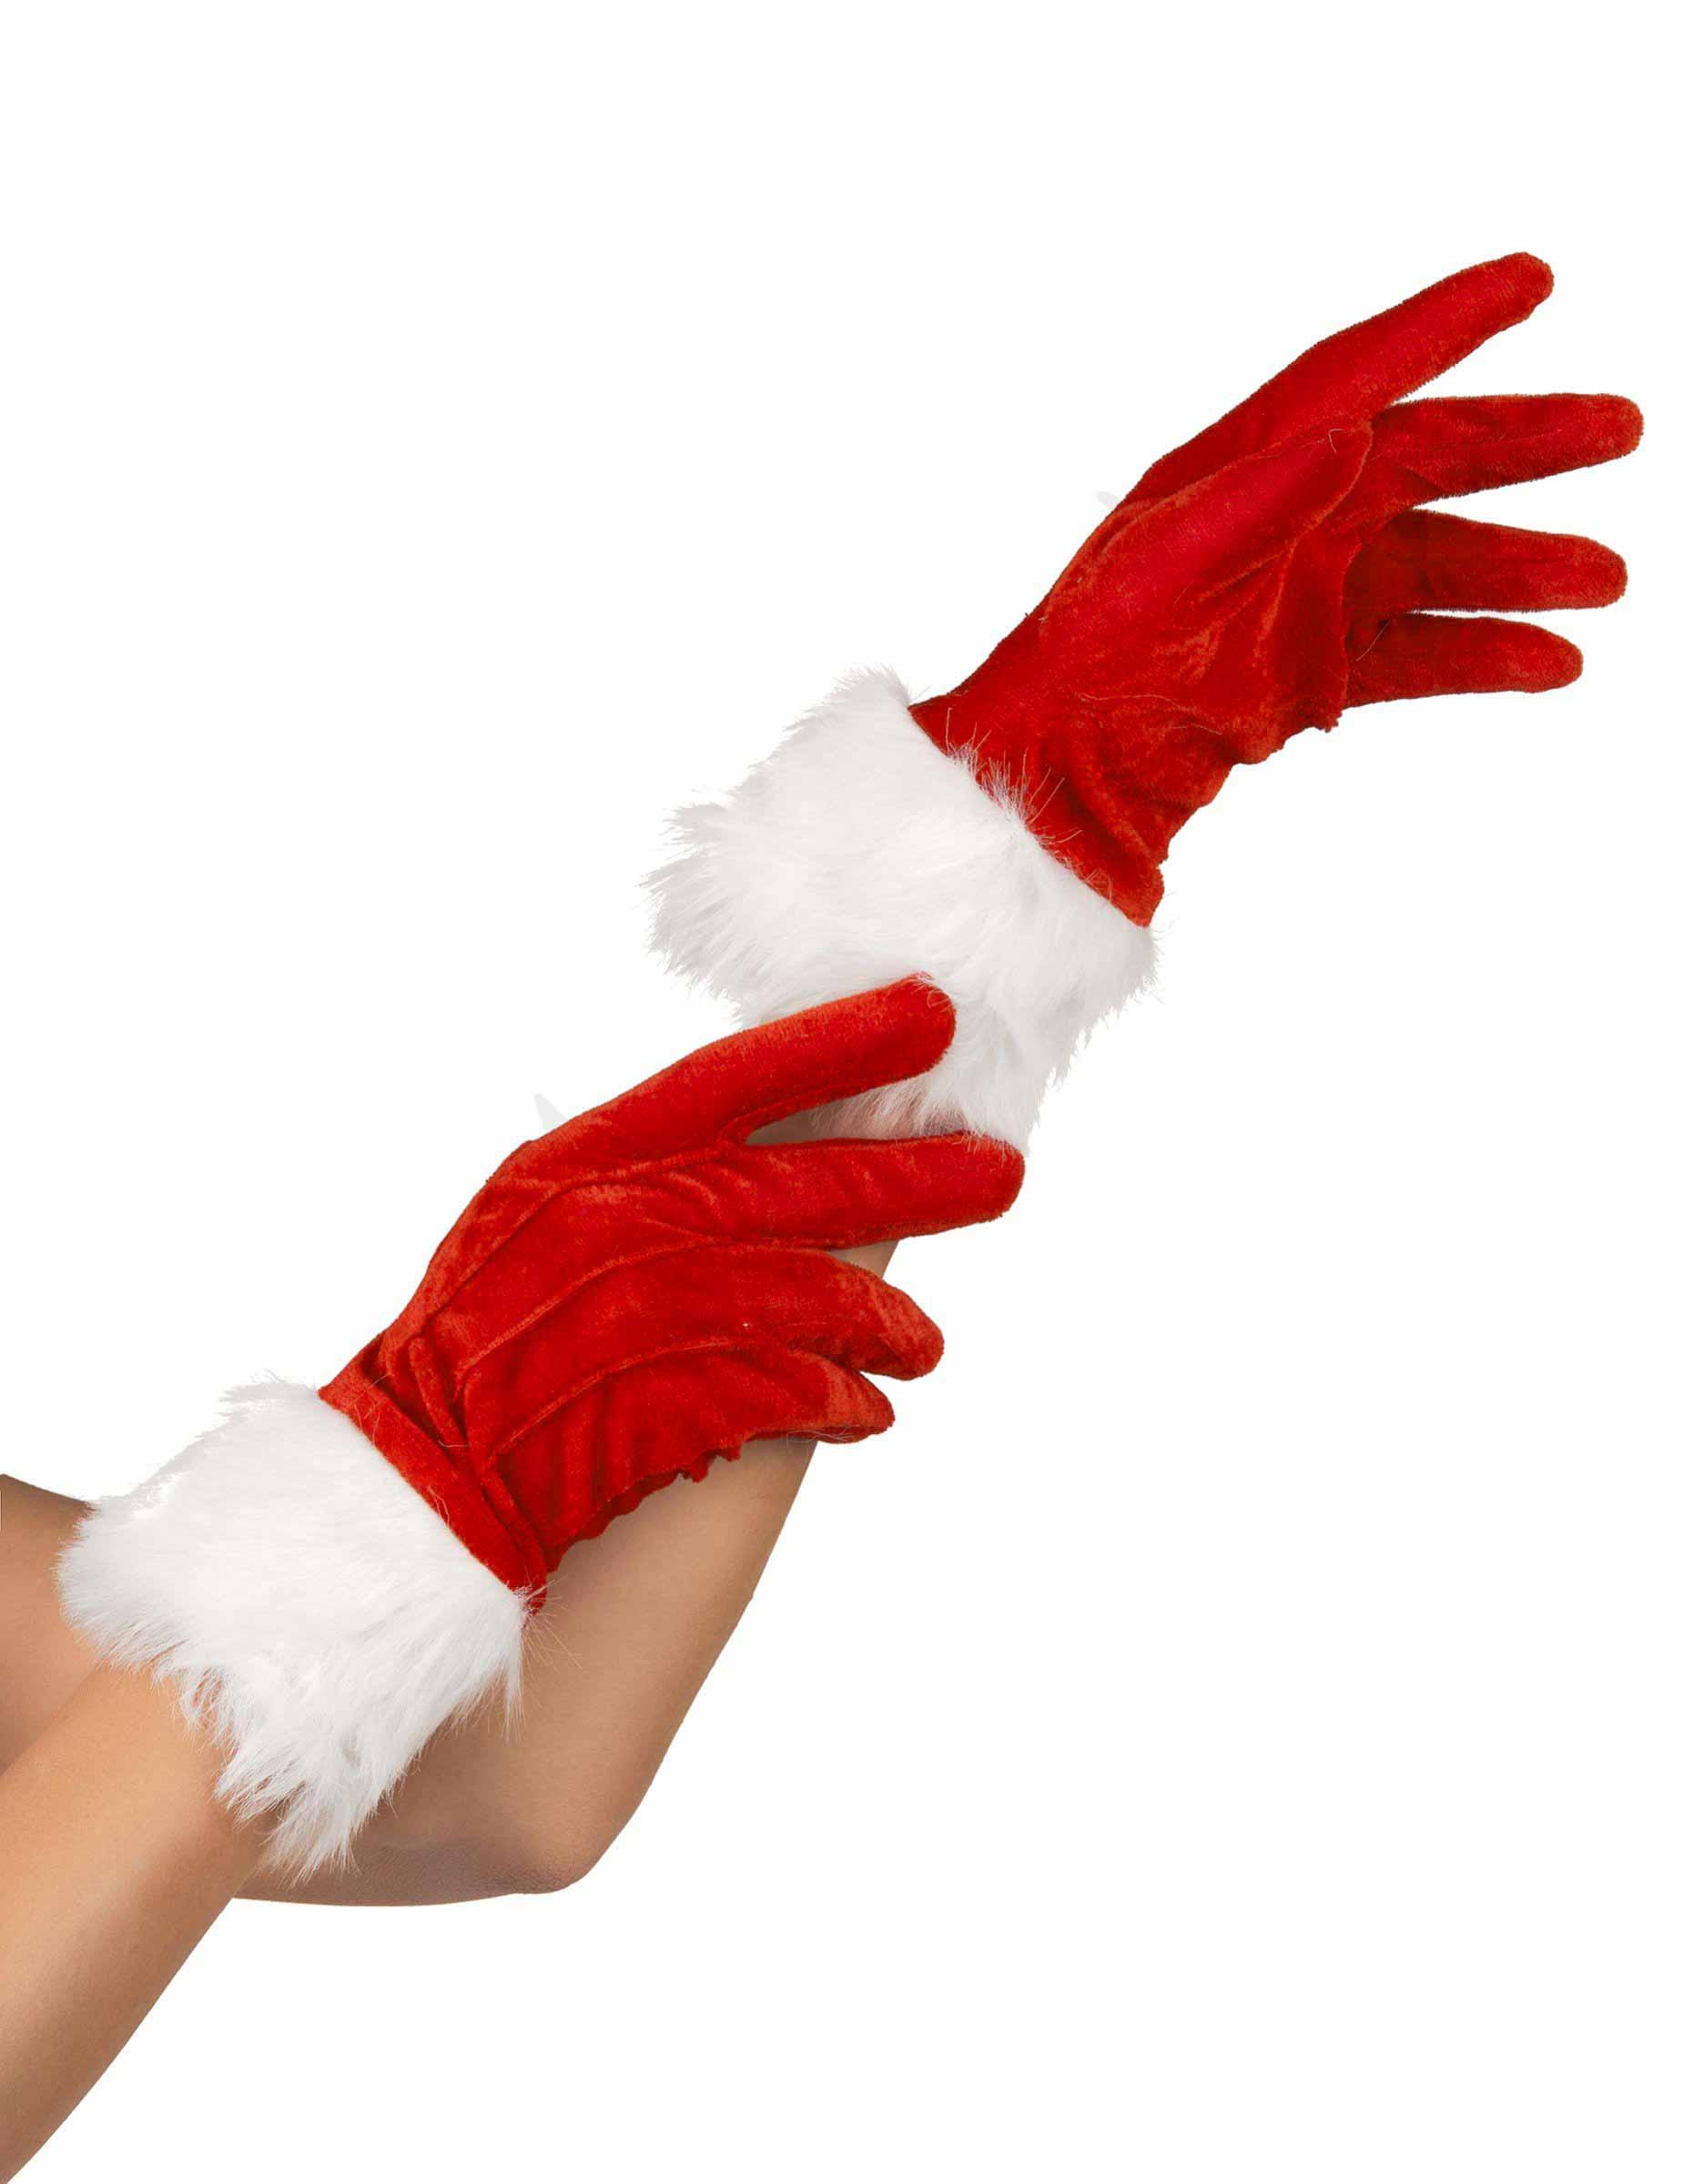 gants rouge avec fourrure blanche m re no l femme deguise toi achat de accessoires. Black Bedroom Furniture Sets. Home Design Ideas